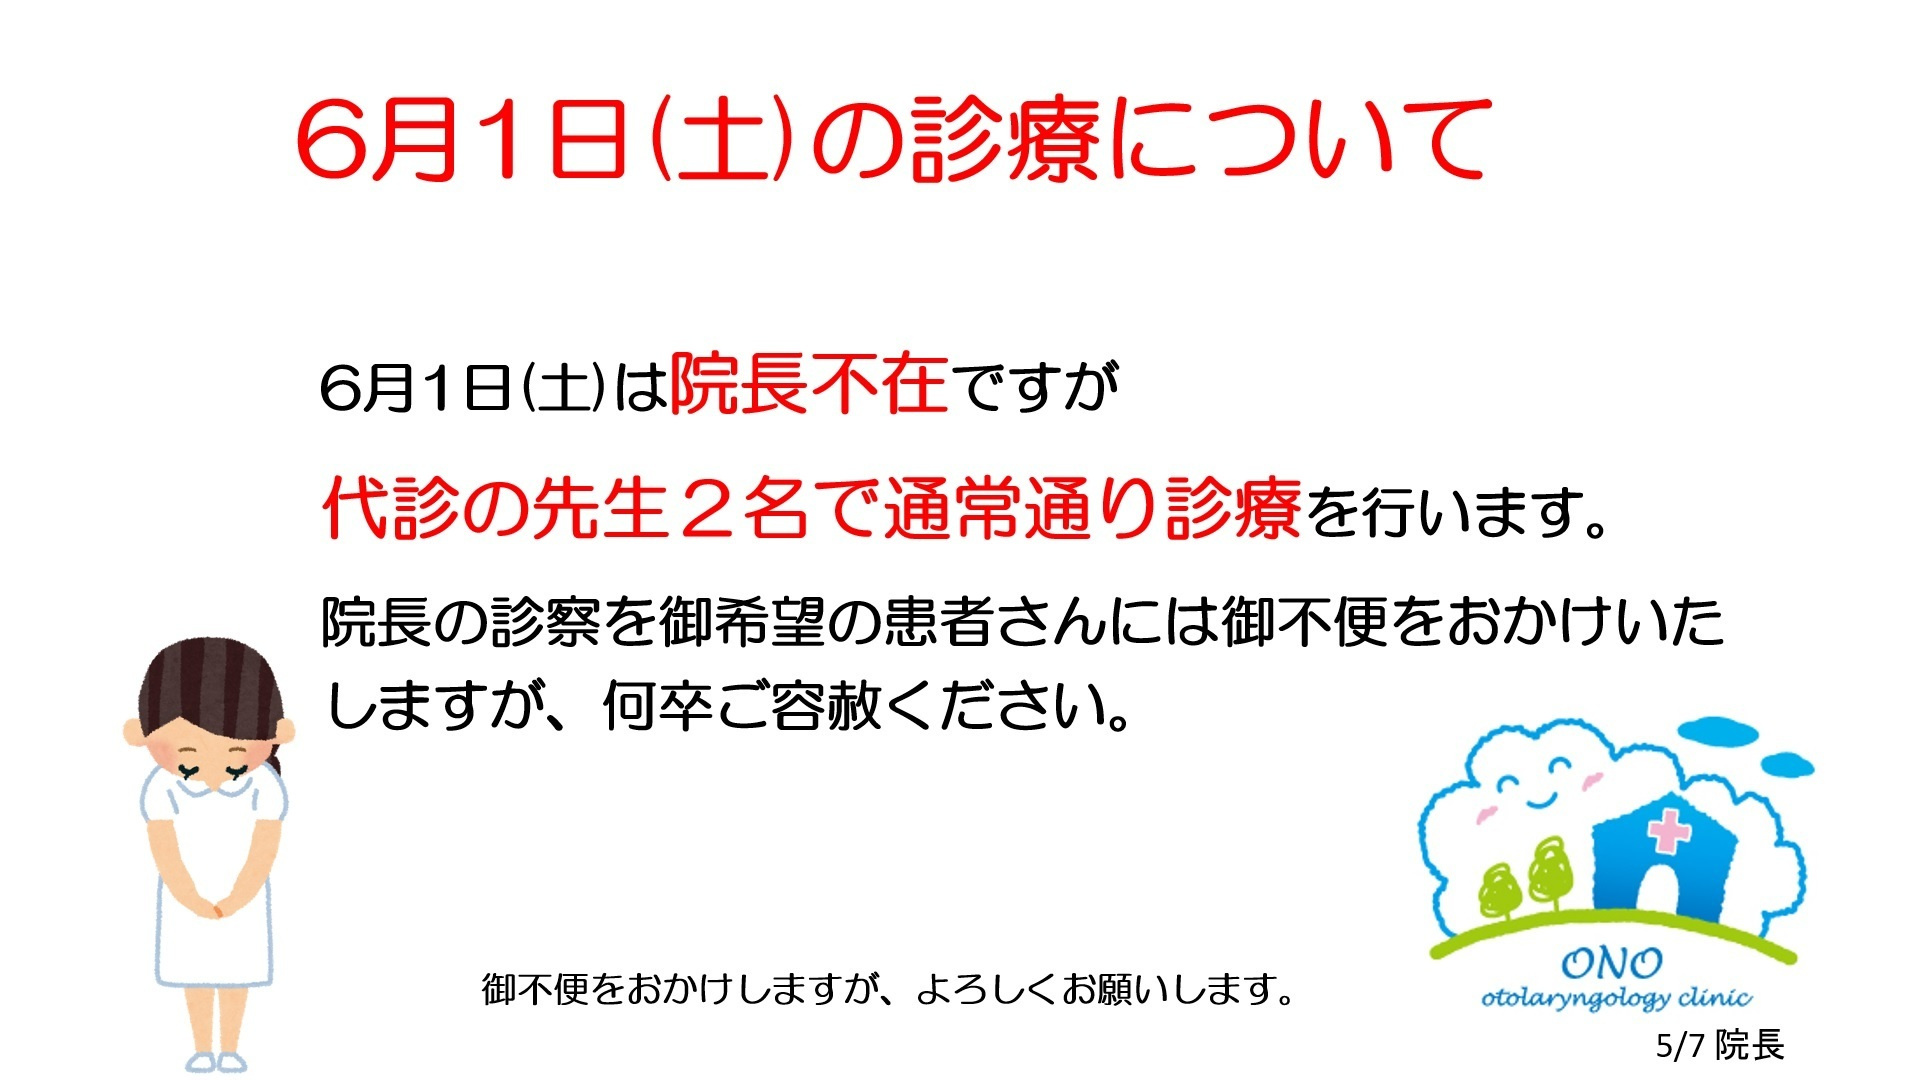 ☆6月診療予定です☆: おの耳鼻咽喉科ブログ